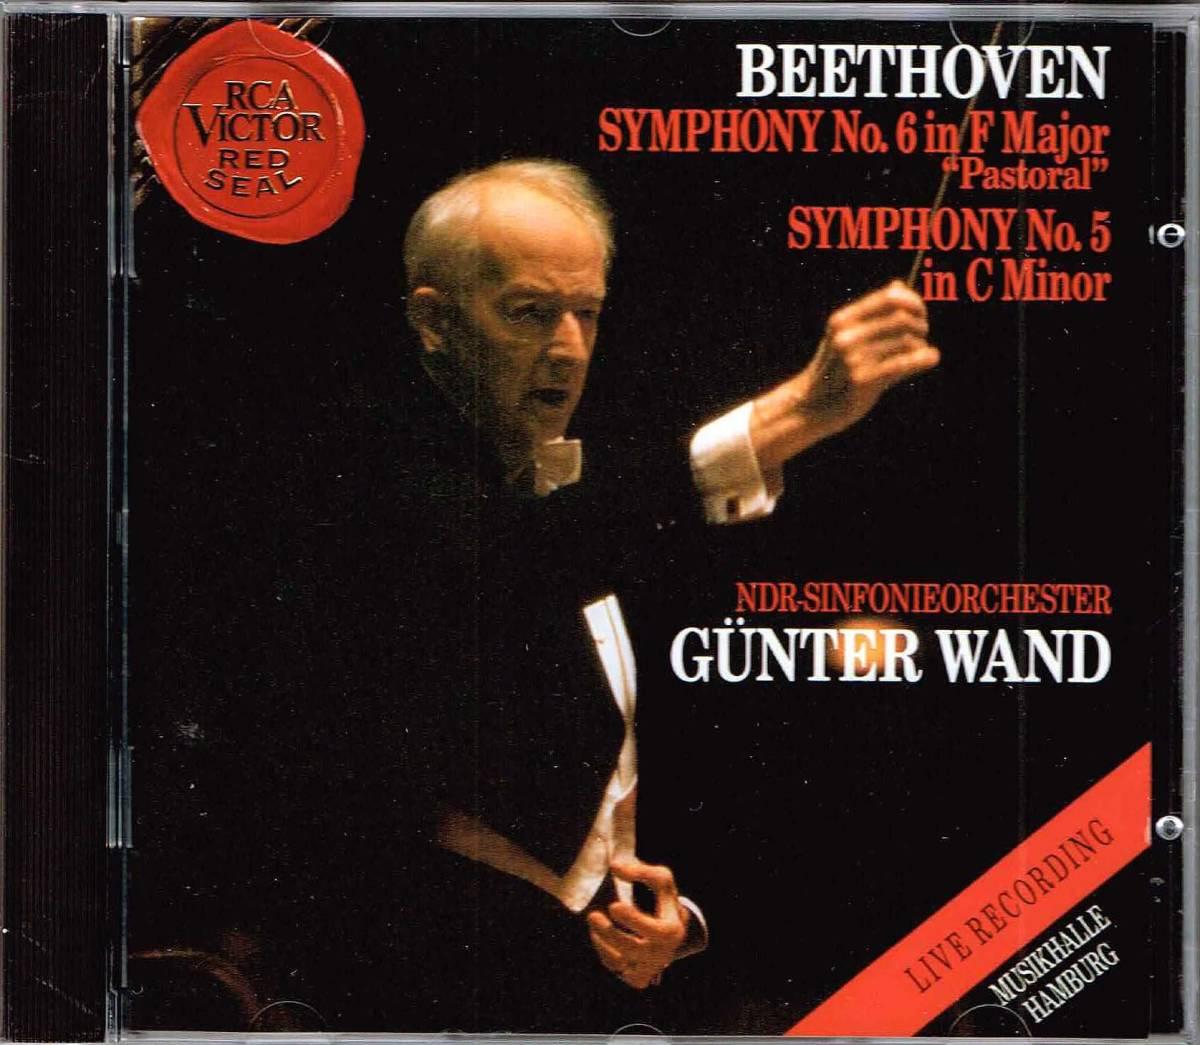 733 ヴァント ベートーヴェン:交響曲第5番「運命」&第6番「田園」/北ドイツ放送交響楽団_画像1